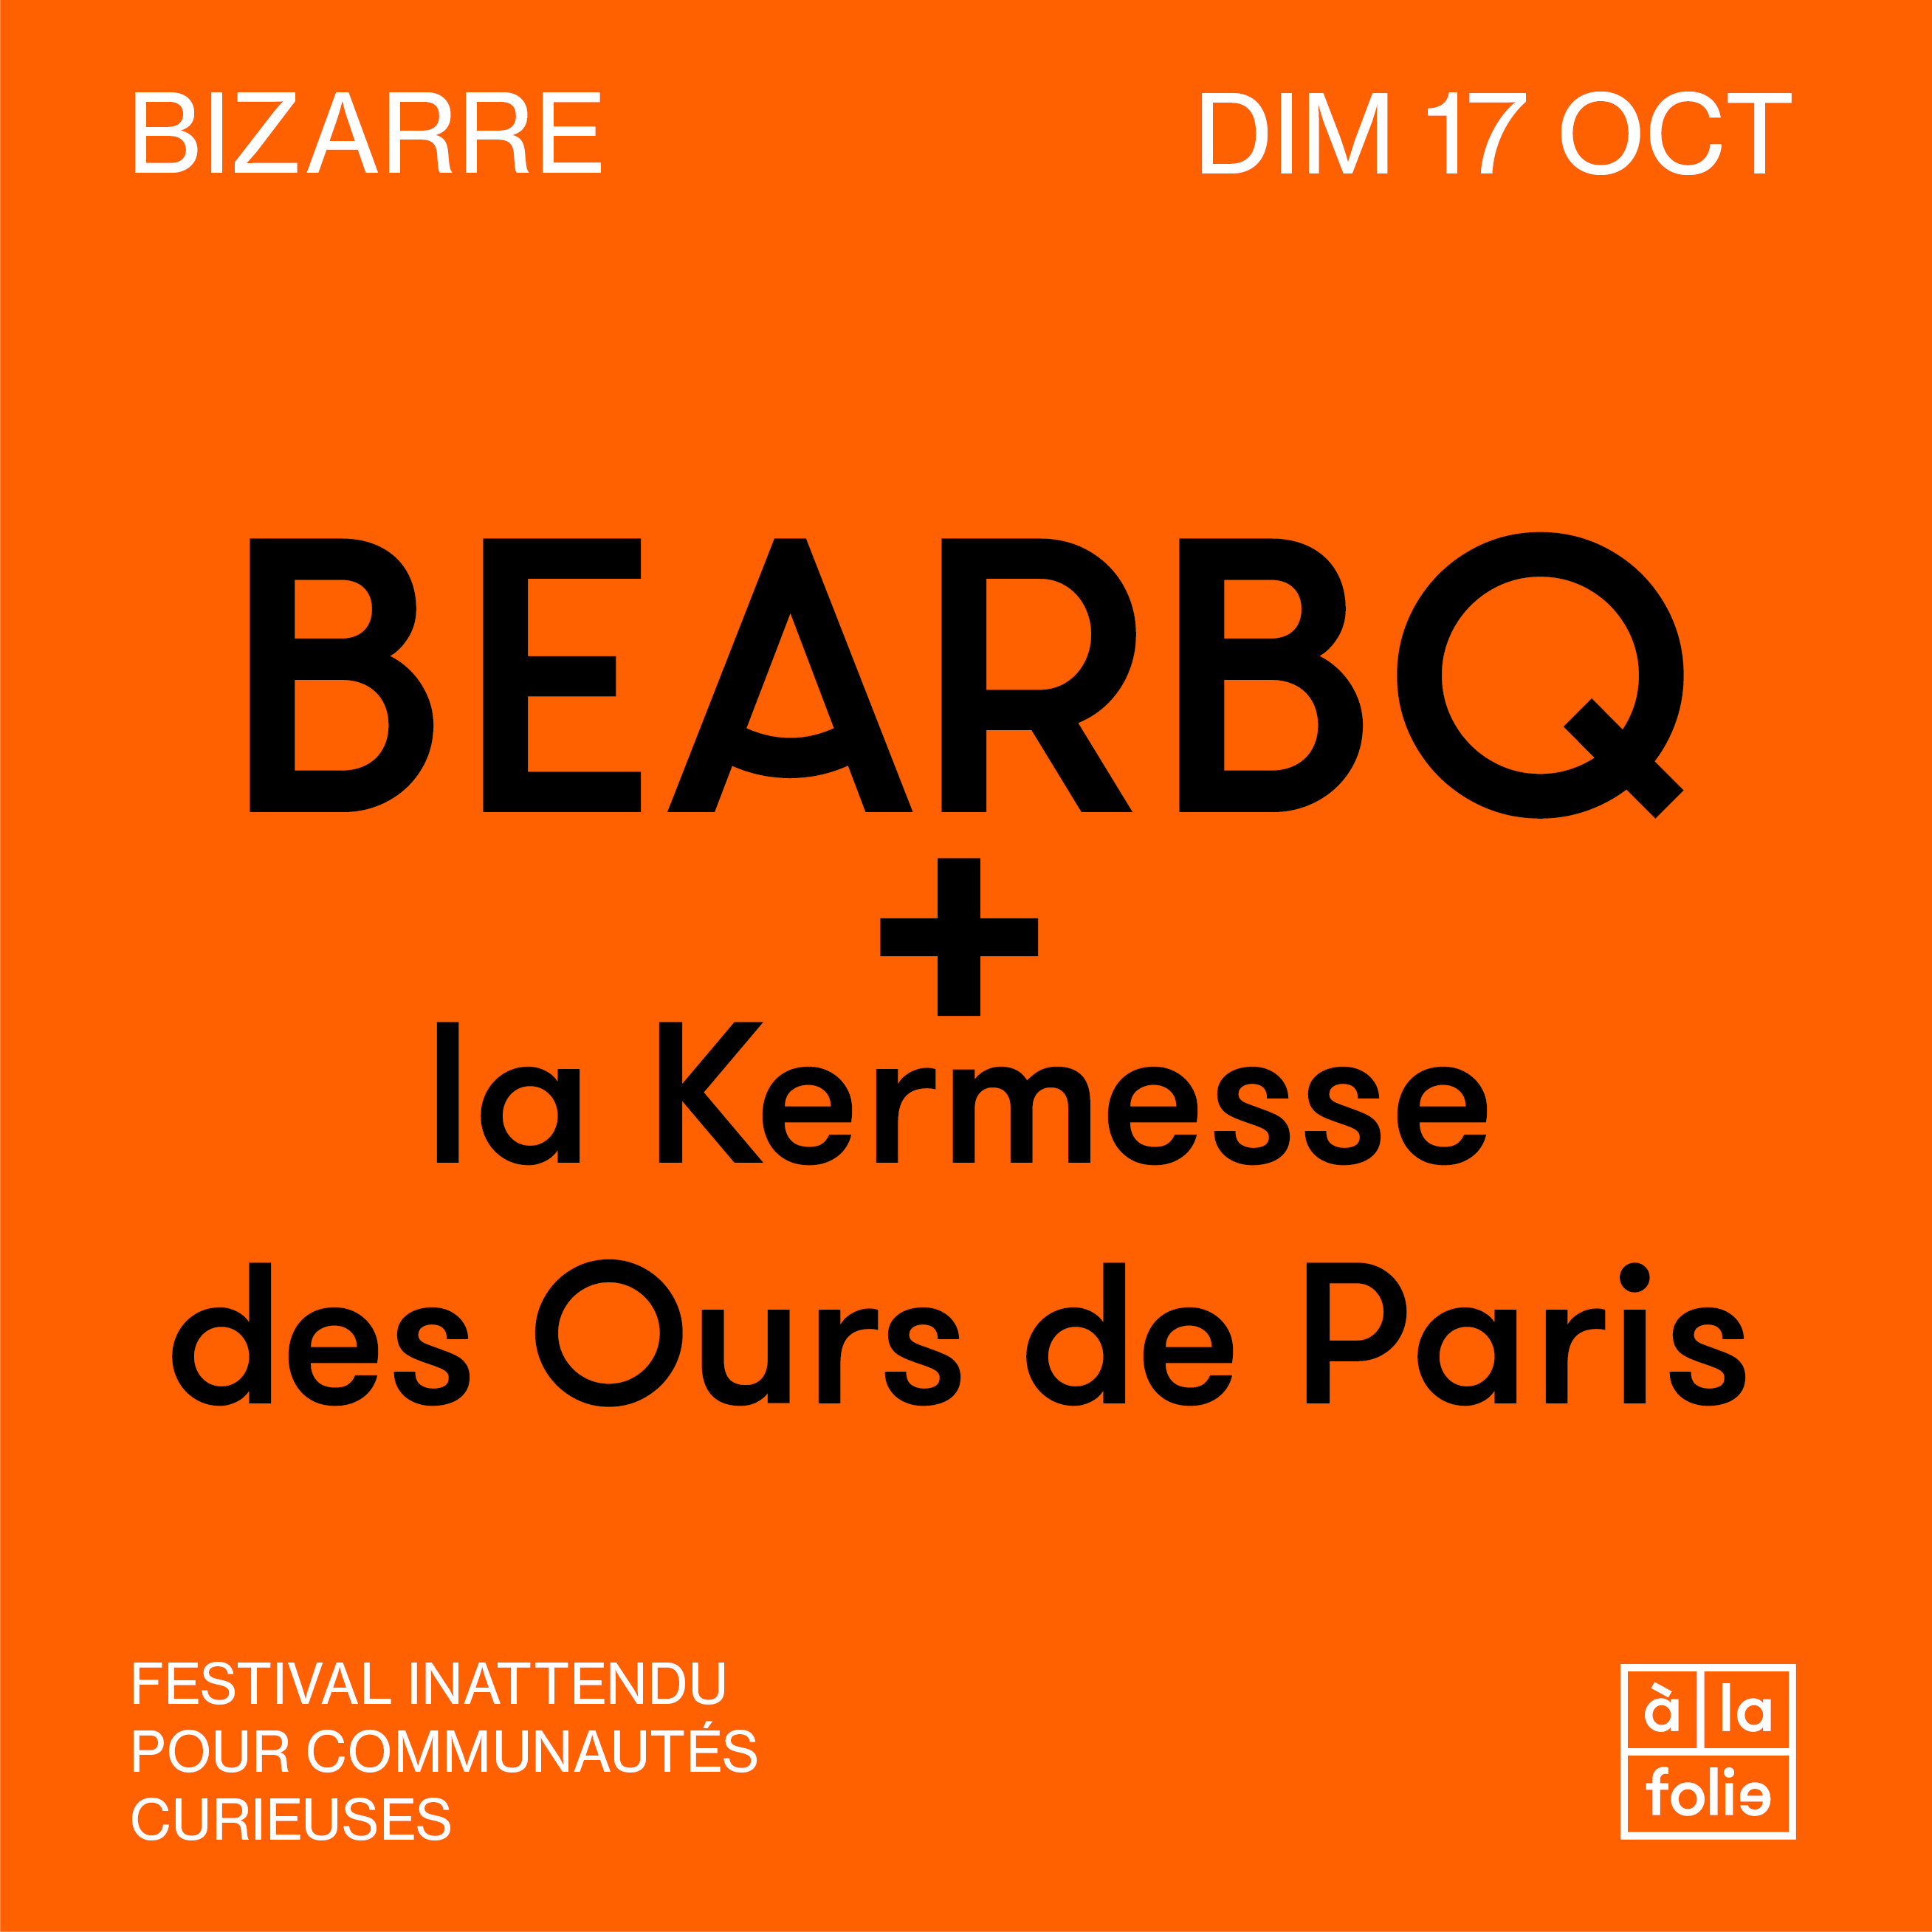 BIZARRE · BEARBQ + la Kermesse des Ours de Paris